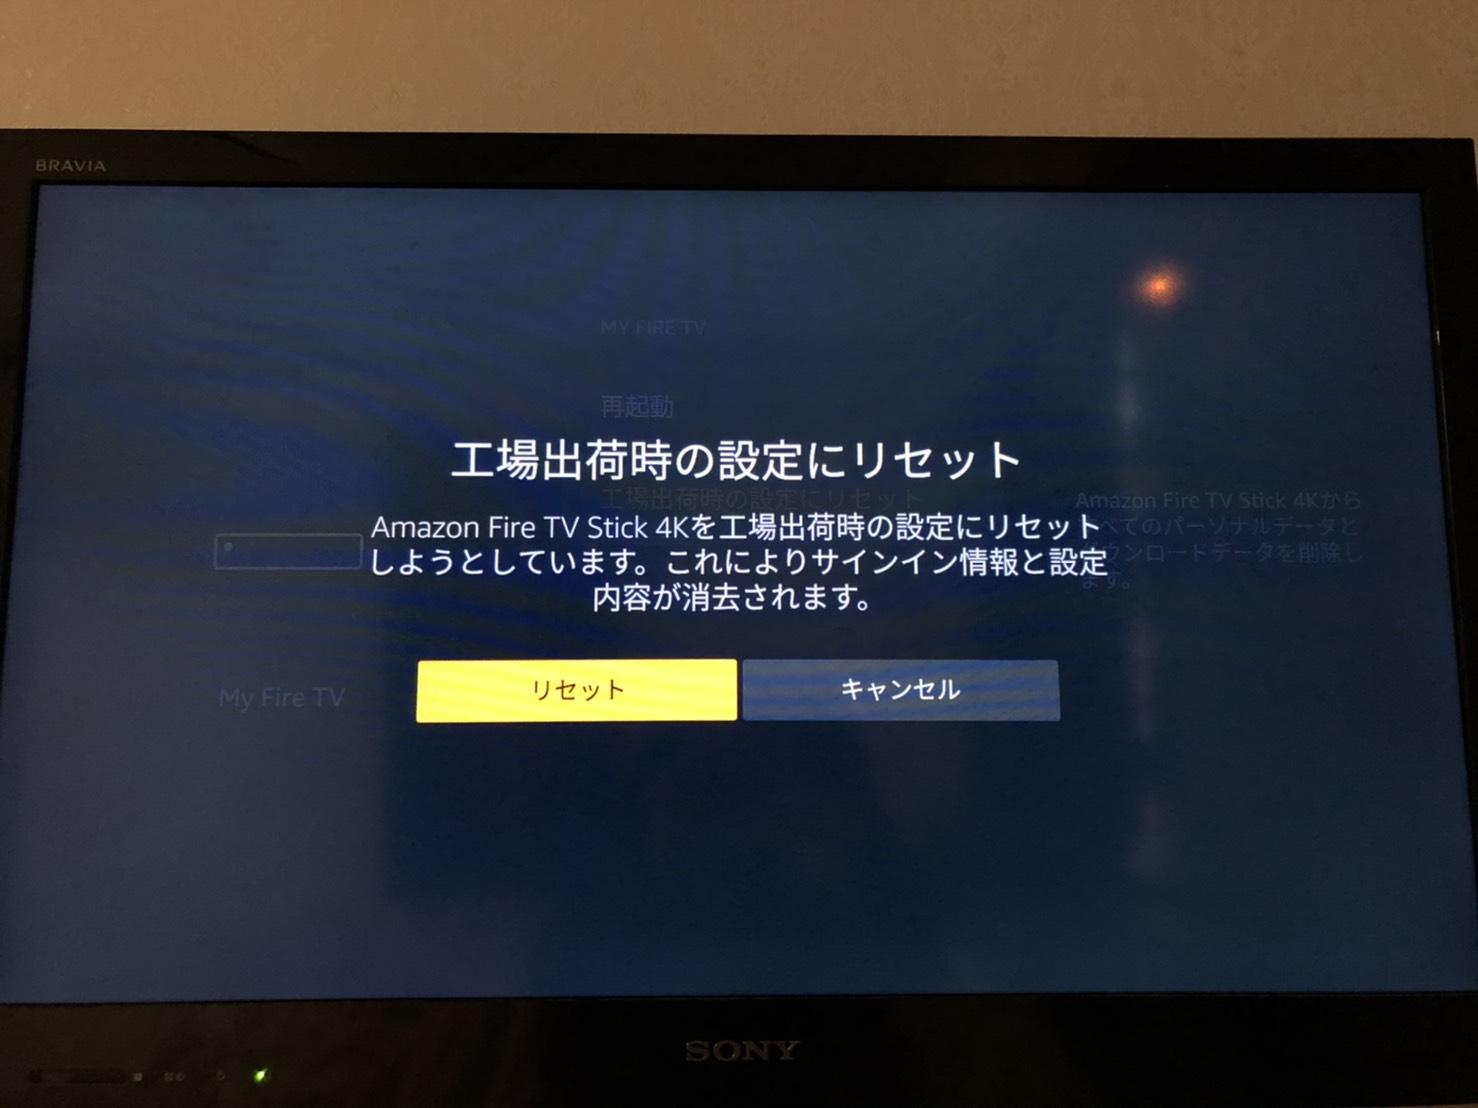 再 stick fire 起動 tv